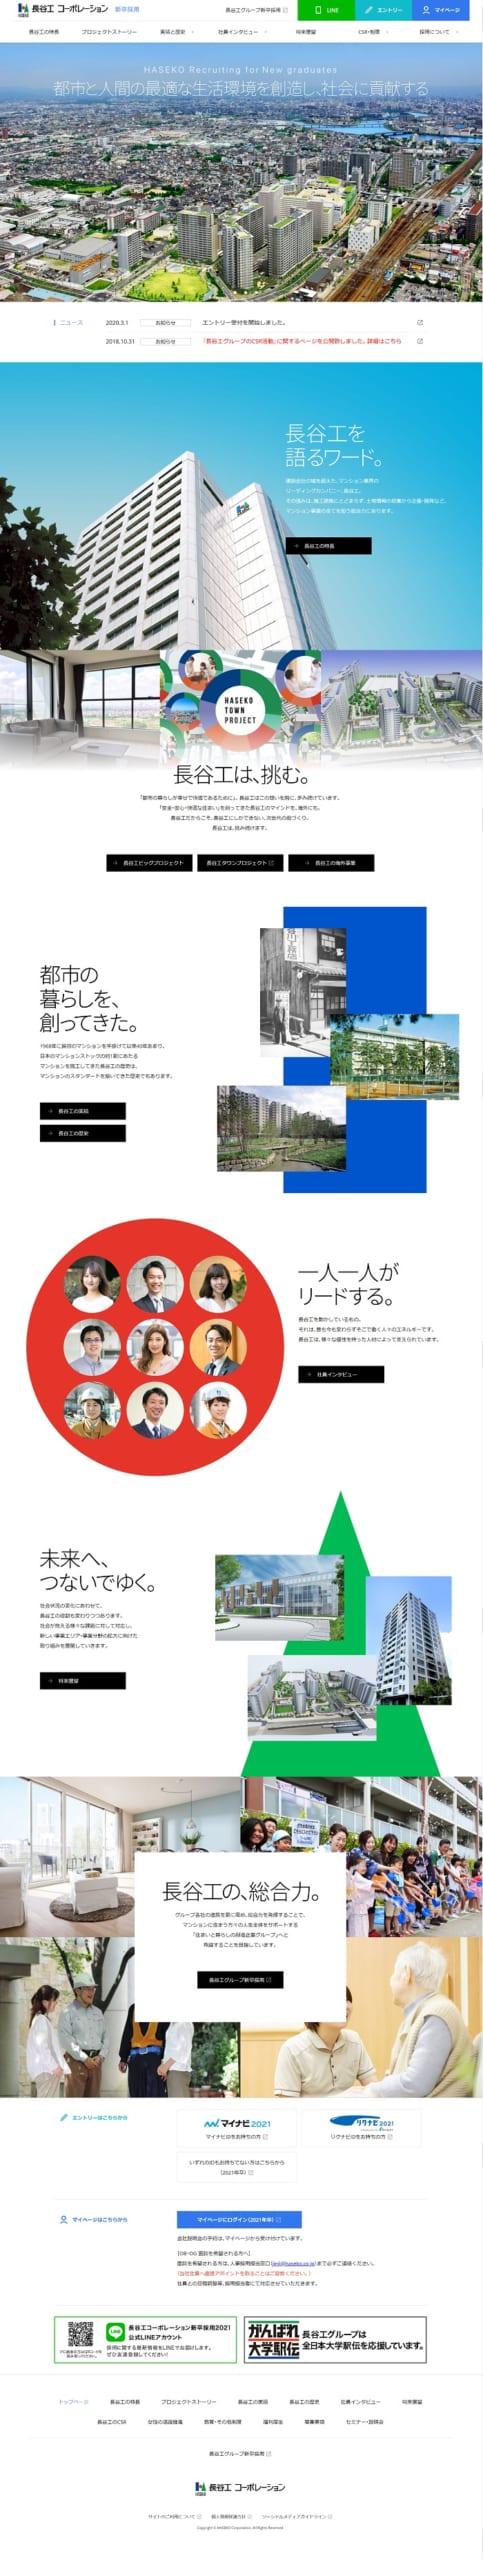 長谷工コーポレーション|新卒採用サイト